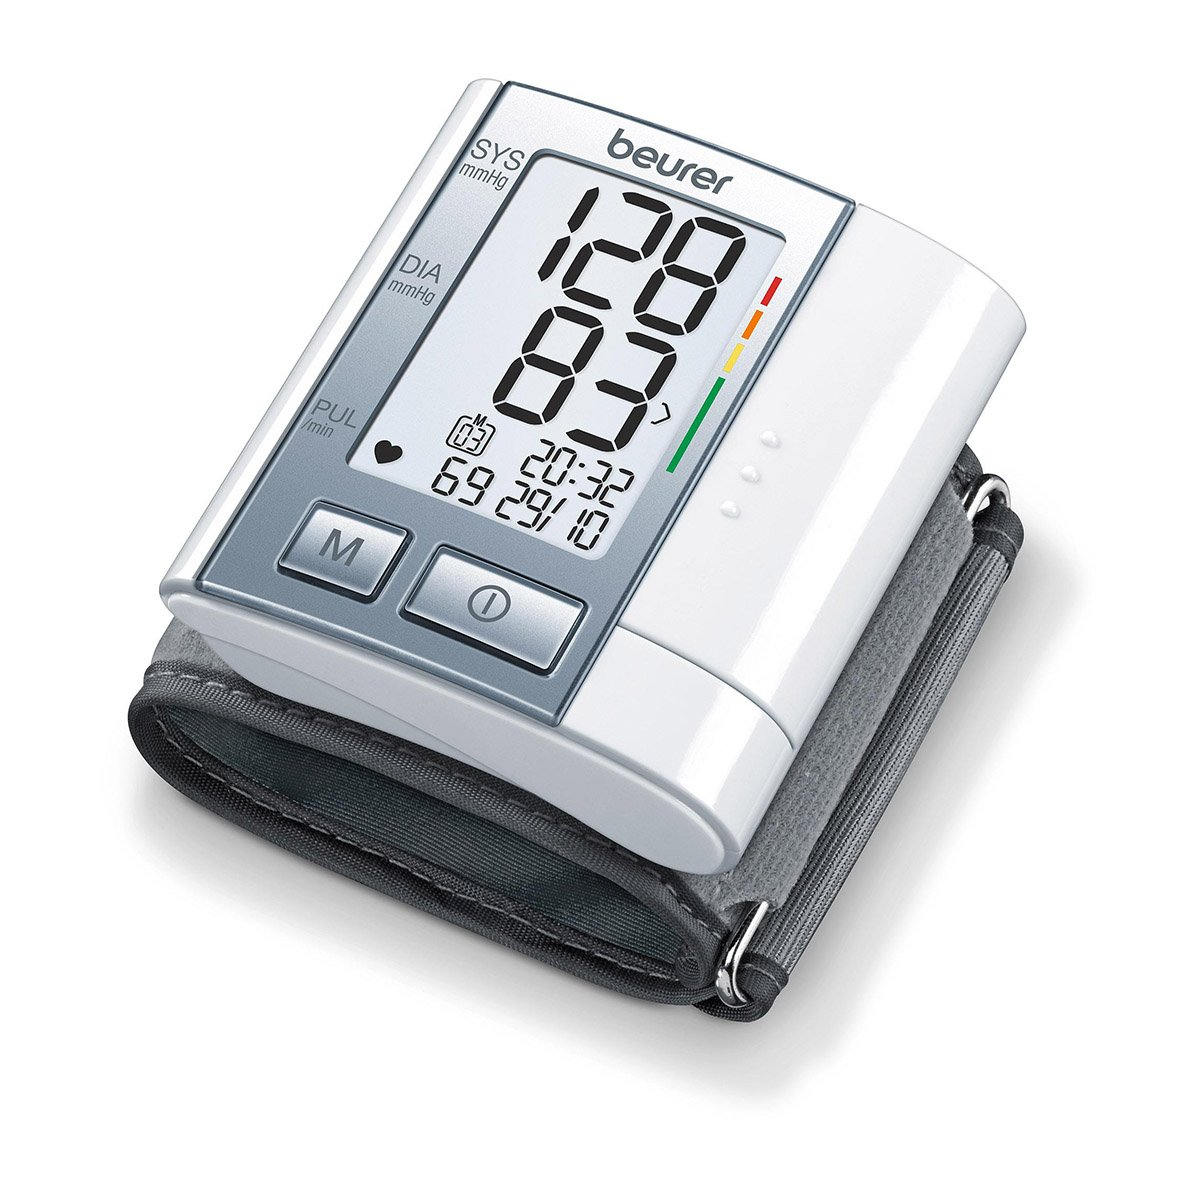 Tensiometru electronic de incheietura Beurer BC40 imagine